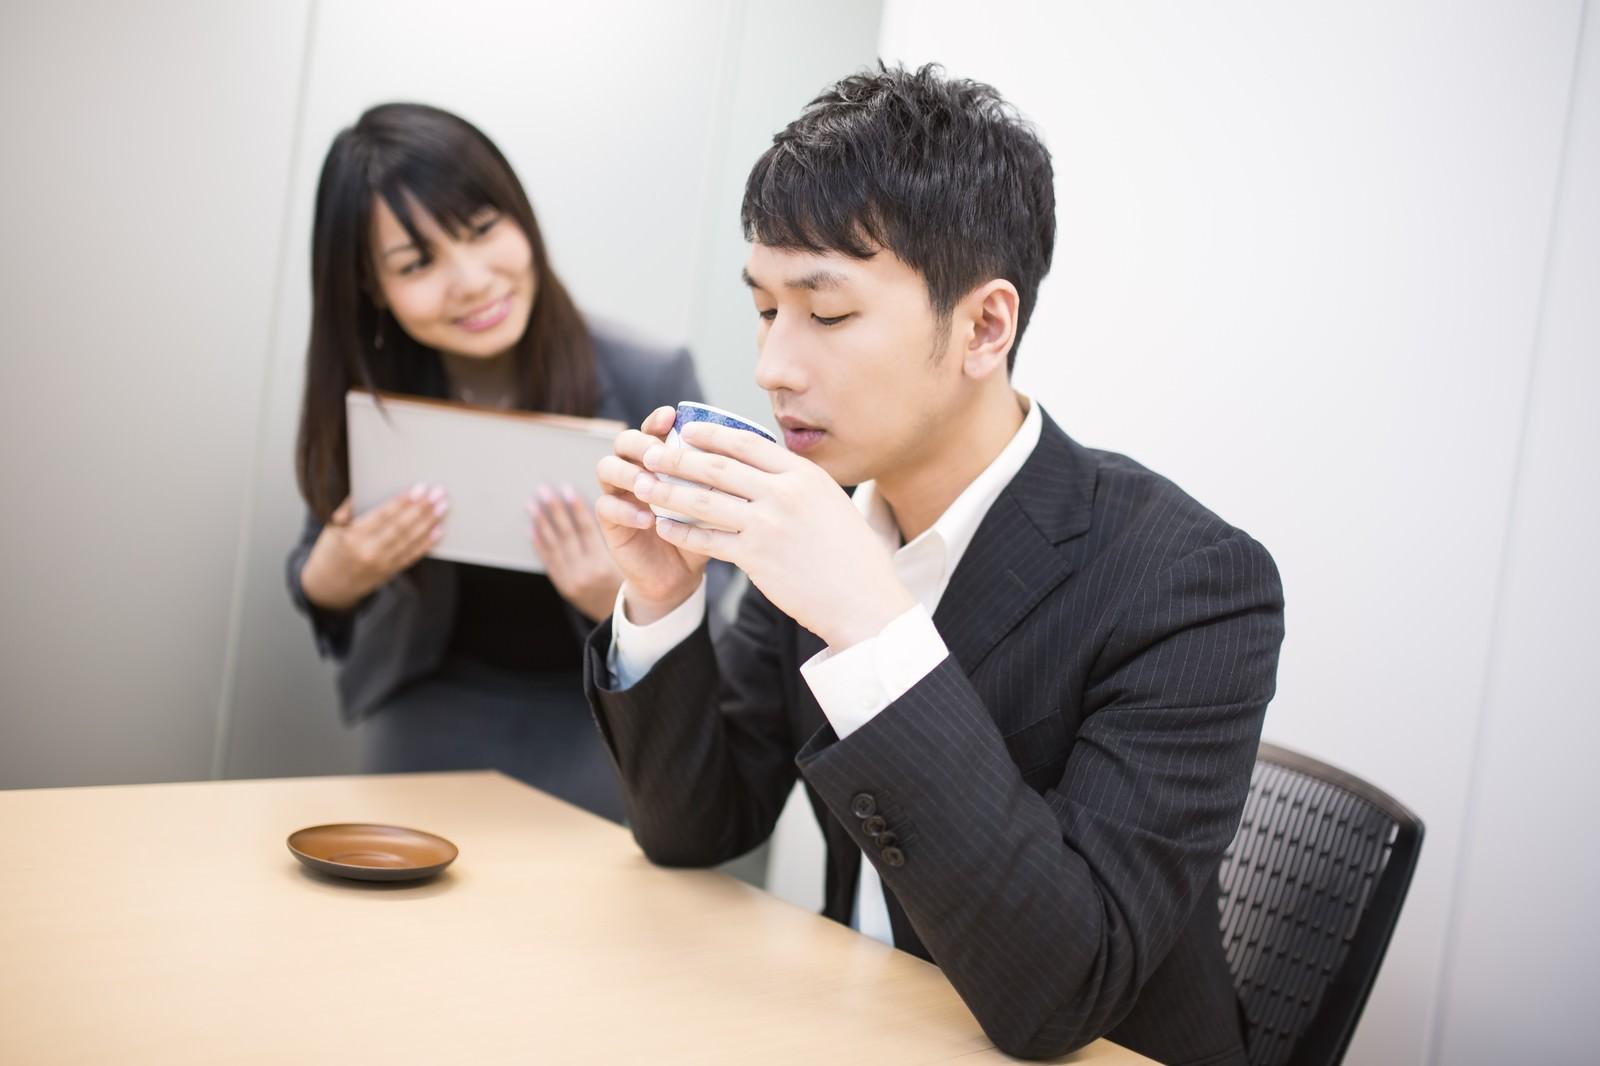 「女性社員に見つめられながらお茶をすするビジネスマン」の写真[モデル:大川竜弥 Lala]